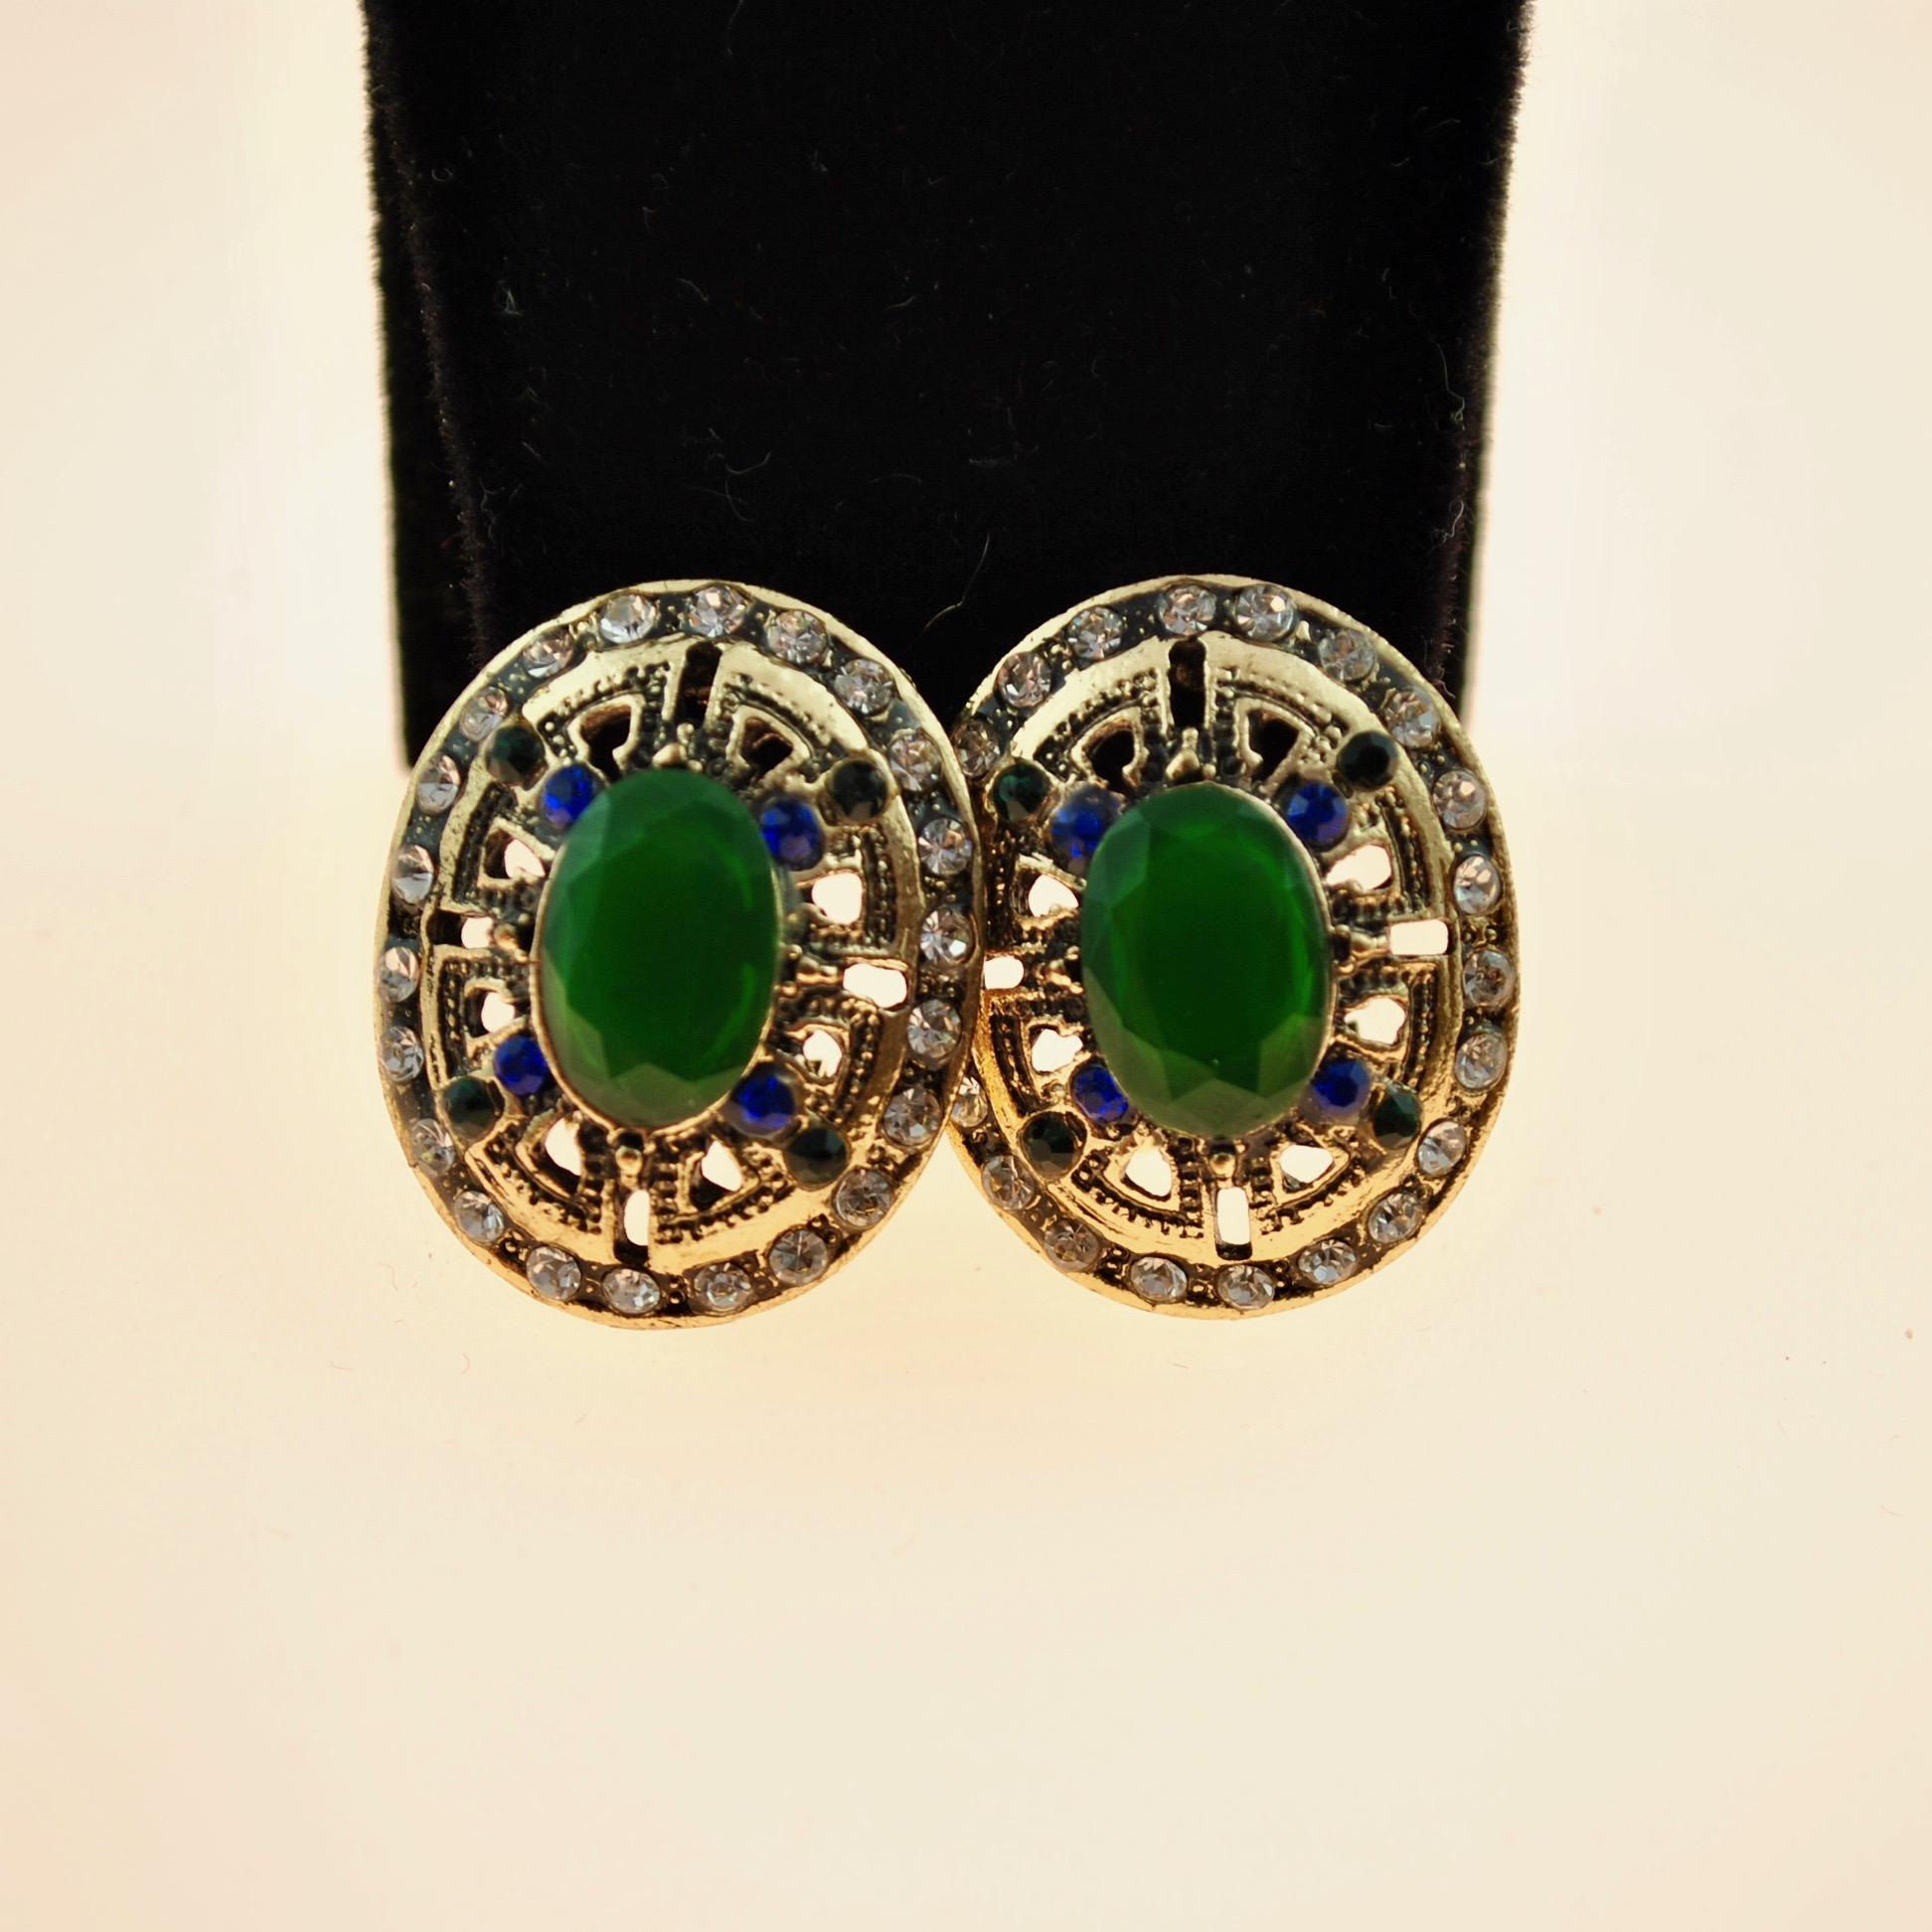 Green Ottoman style Earrings